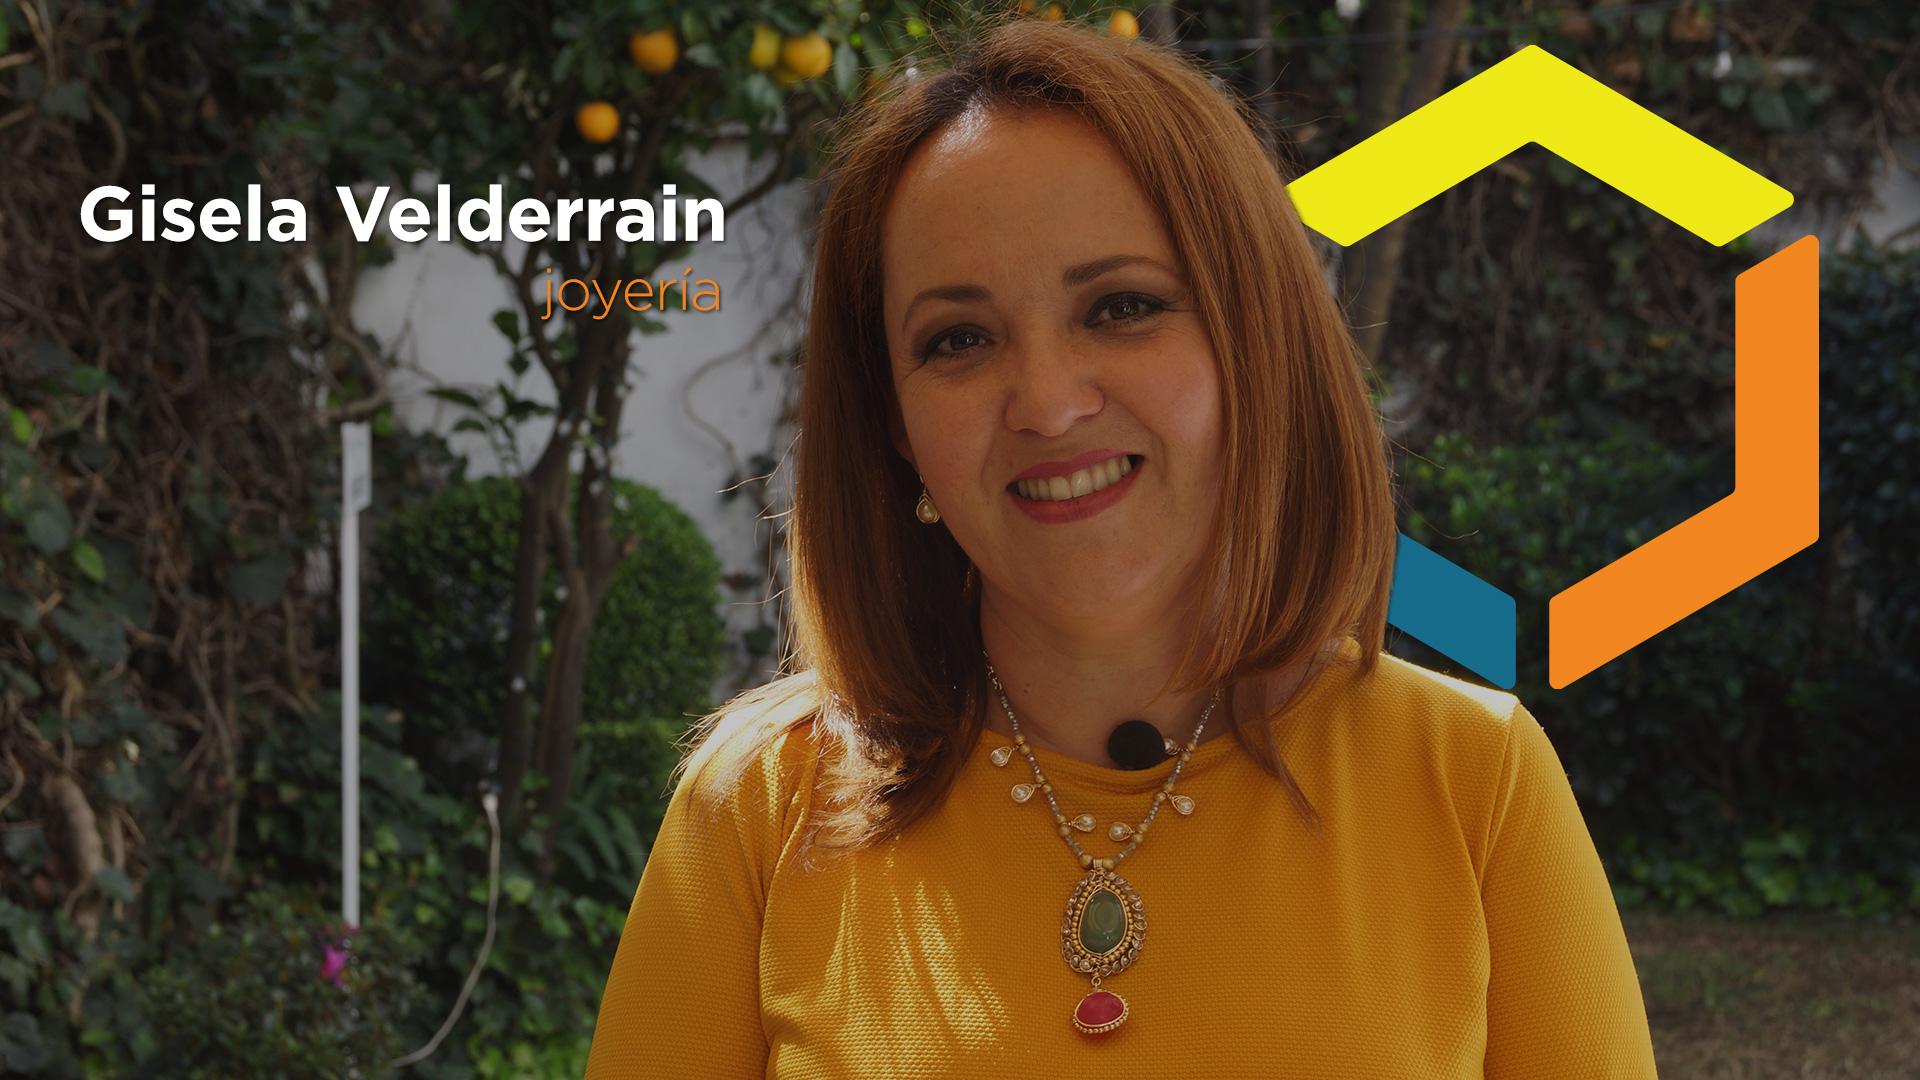 Gisela Velderrain